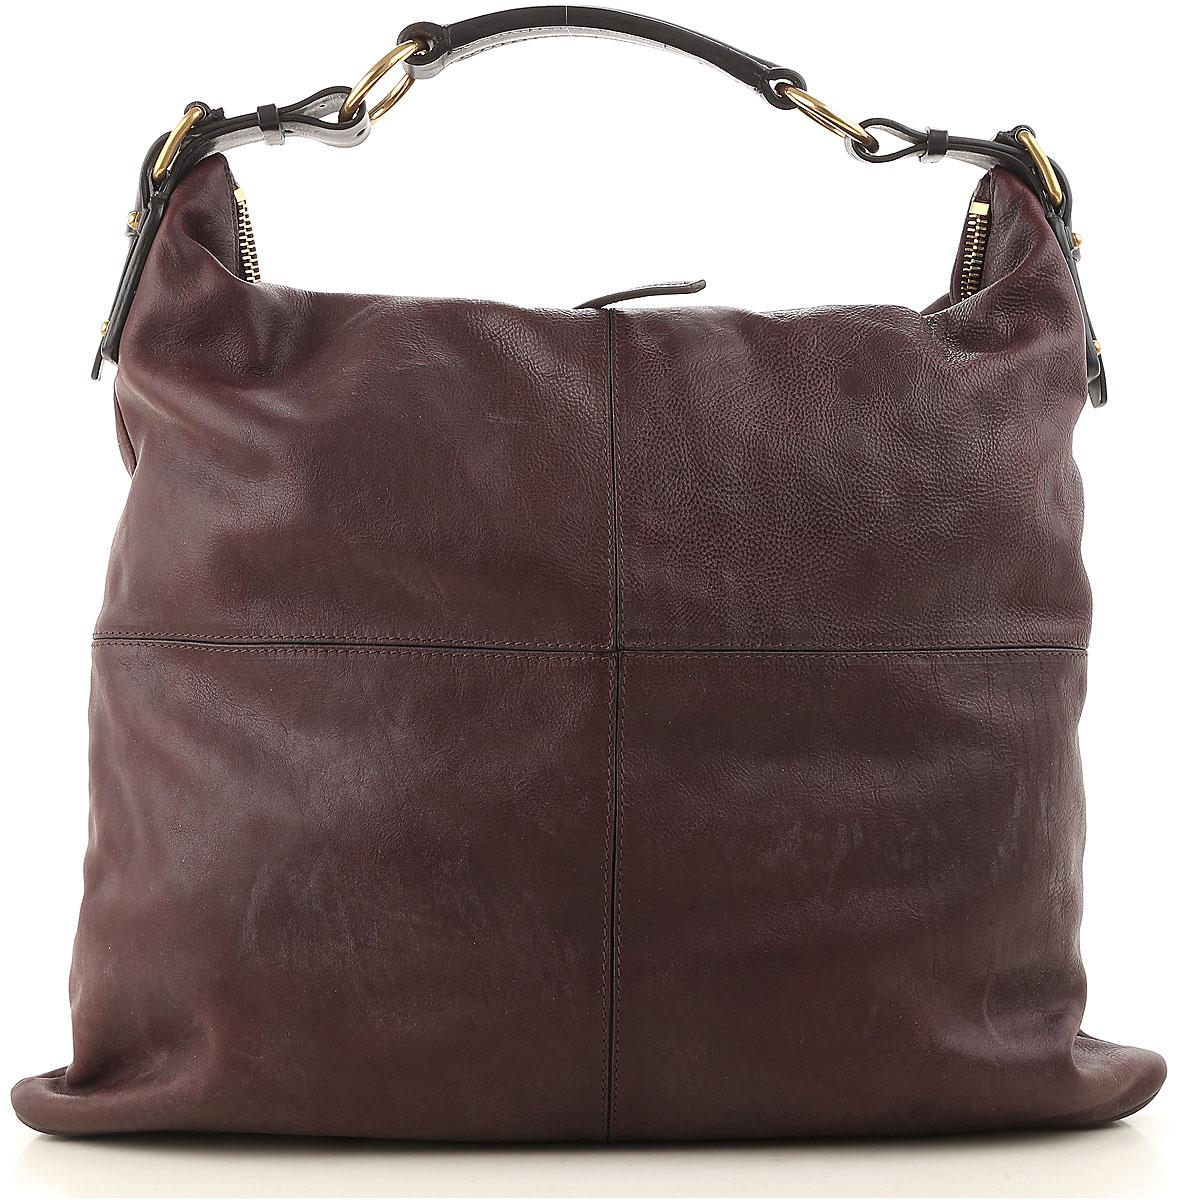 Celine Shoulder Bag for Women On Sale, Plum, Leather, 2017 USA-468276